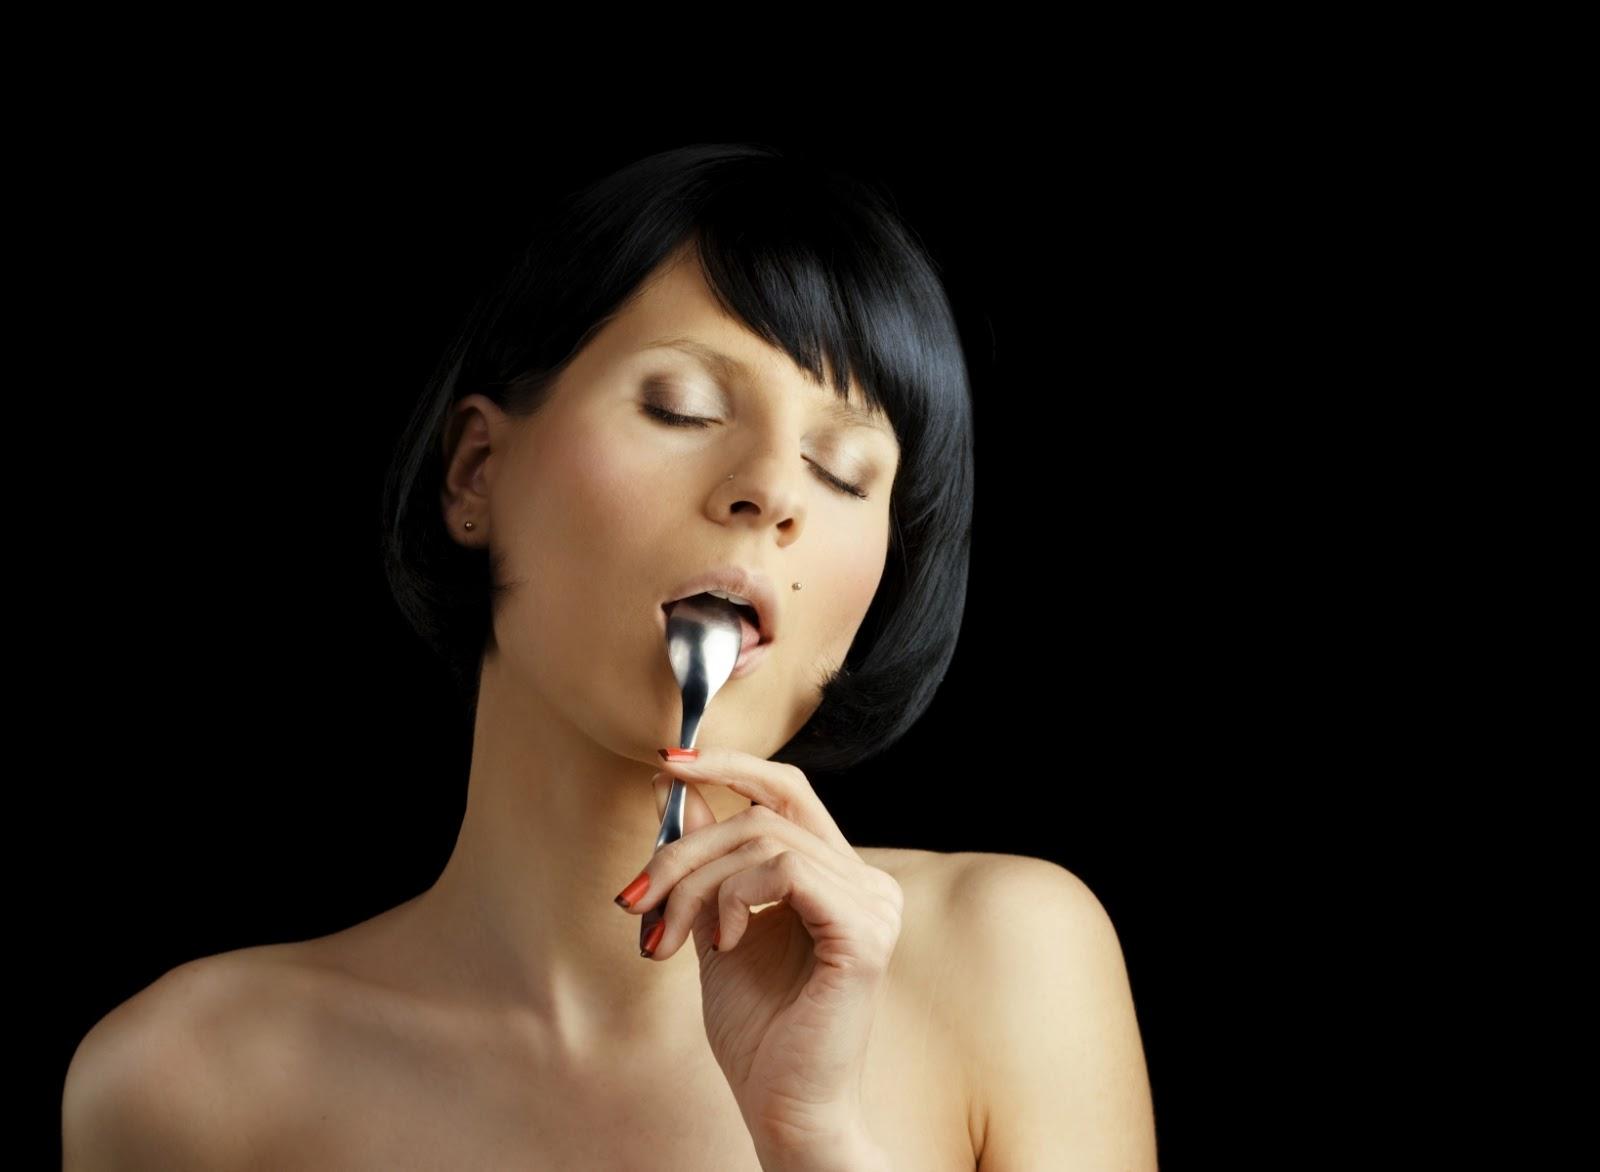 hace el sexo oral: